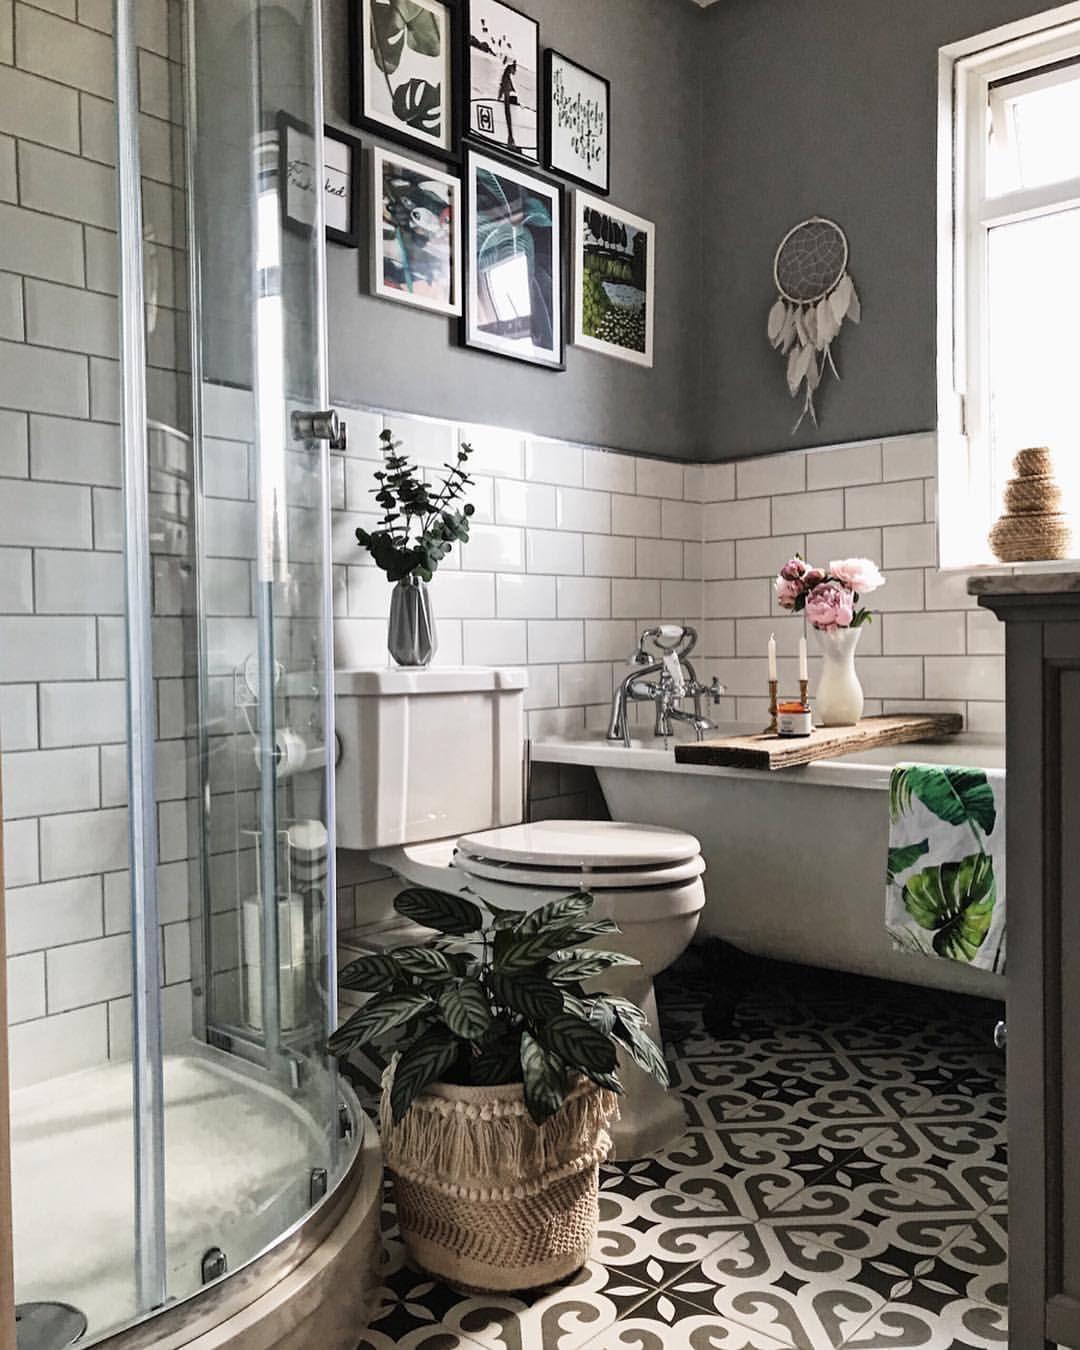 Bathroom Floor Tiles Ideas Bathroom tiles are an easy